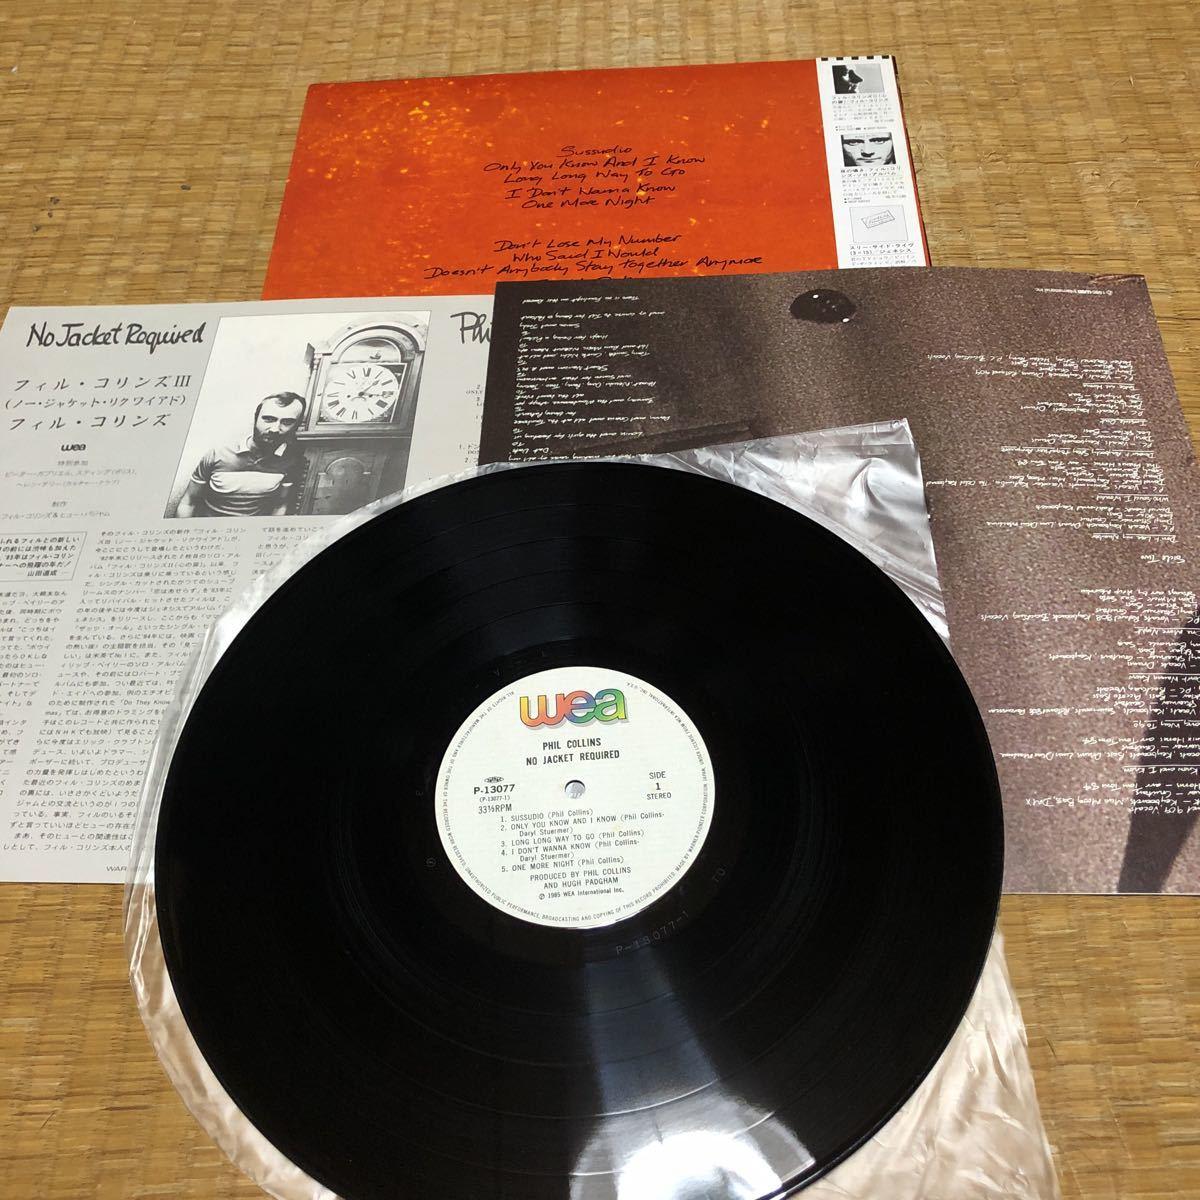 フィル・コリンズ ノー・ジャケット・リクワイアド 国内盤帯付きレコード_画像2